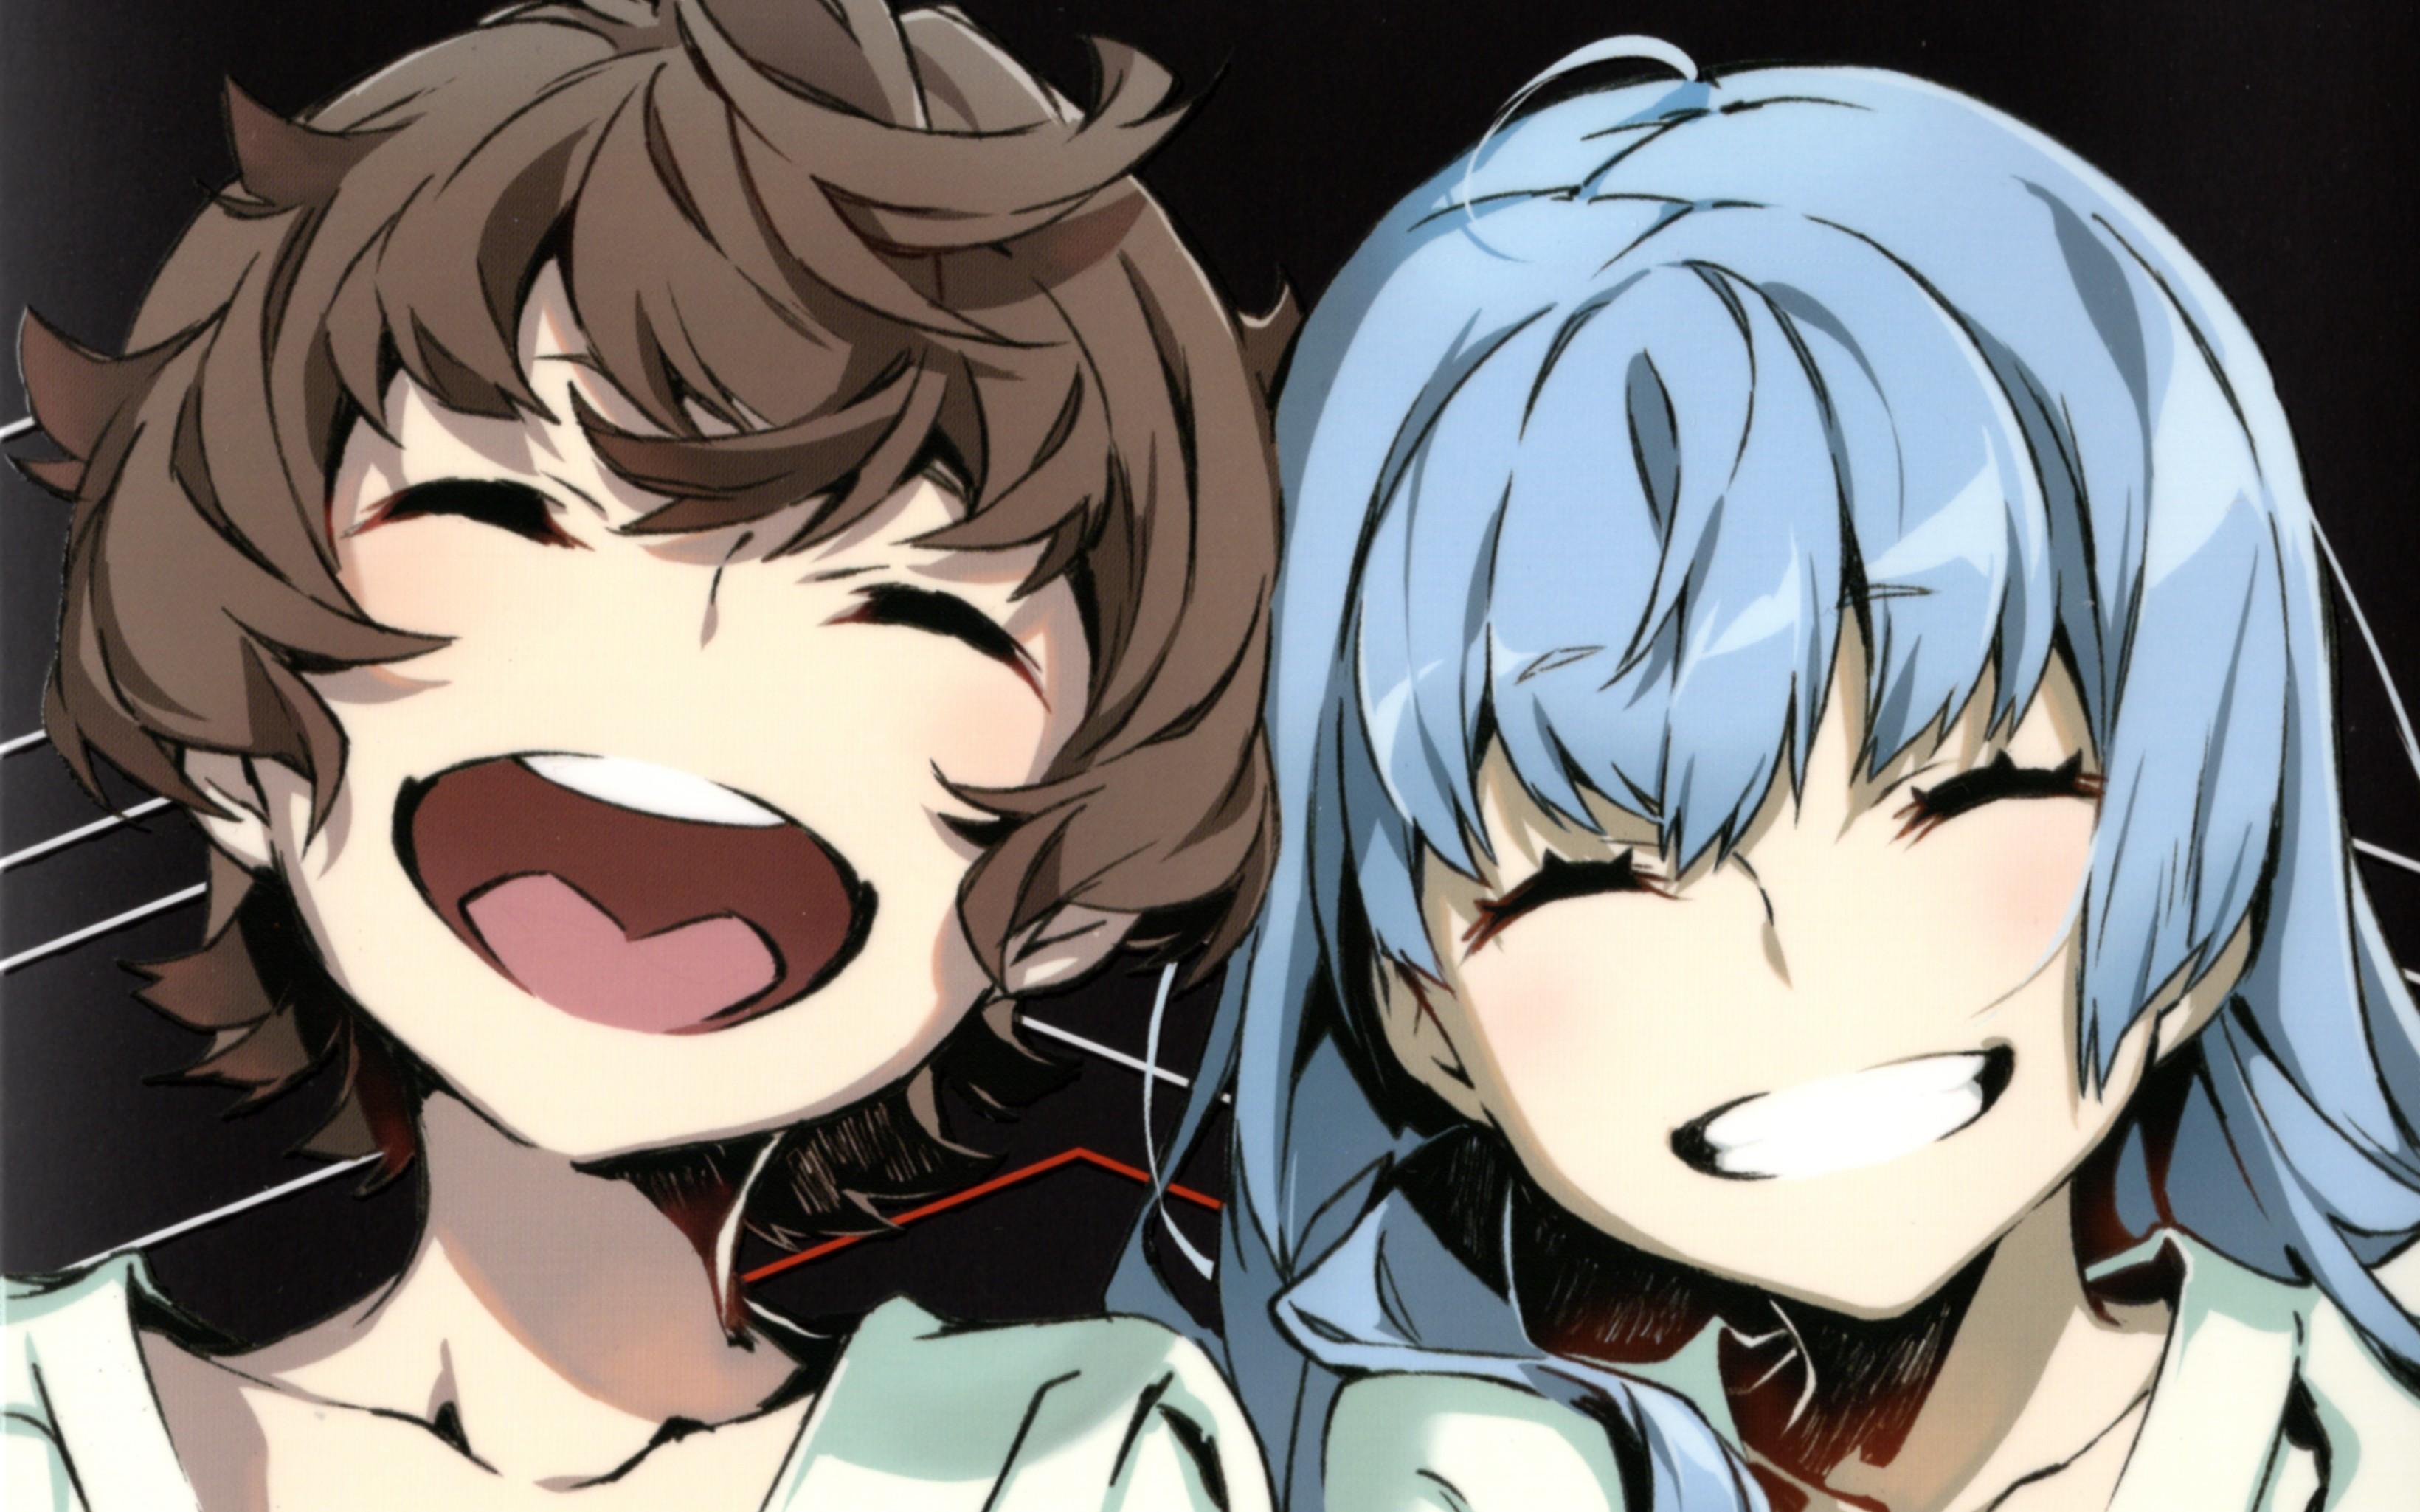 Anime Kiznaiver Sonozaki Noriko Katsuhira Agata